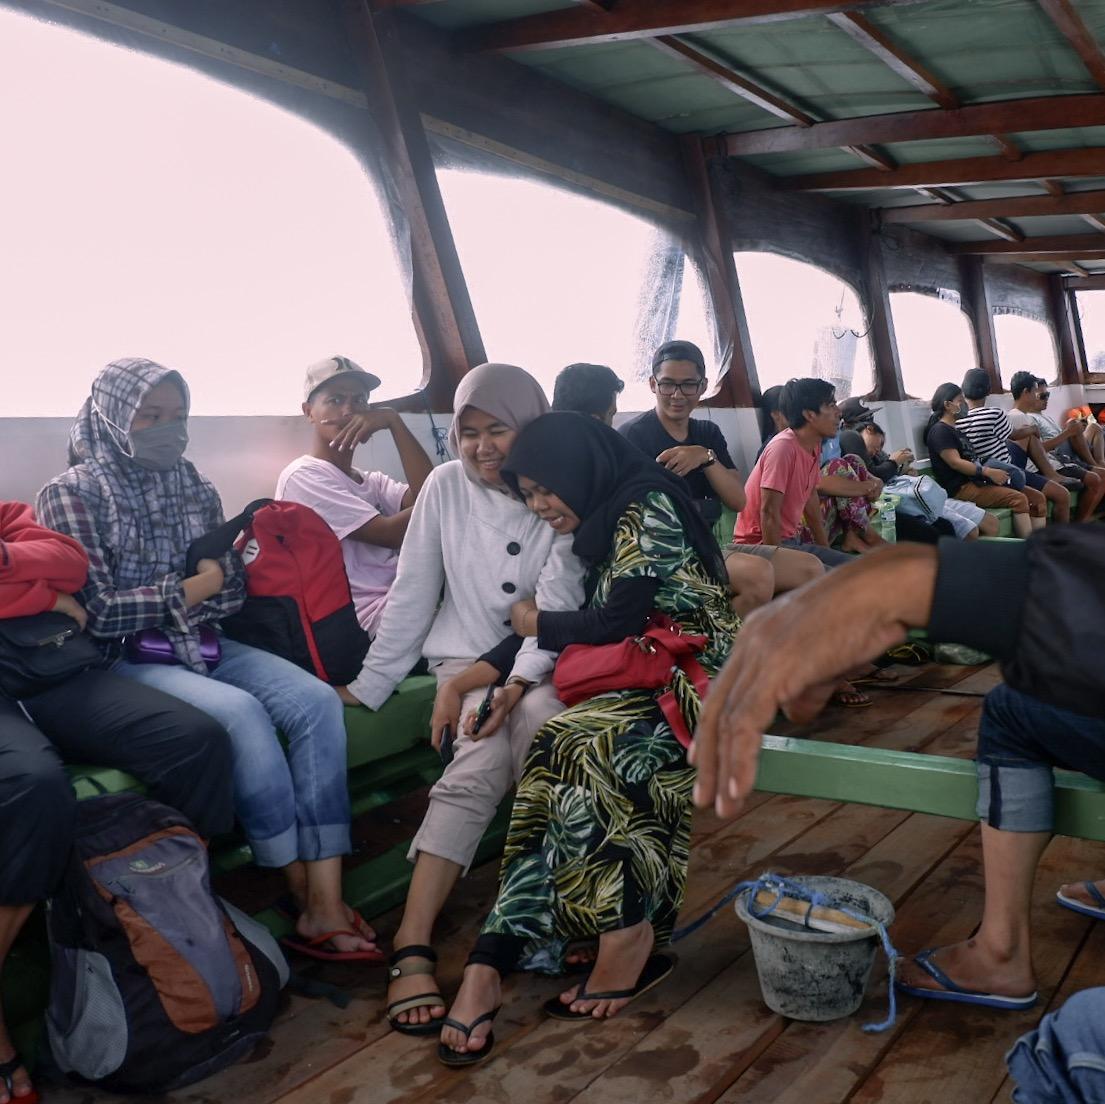 Boat to Gili Trawangan